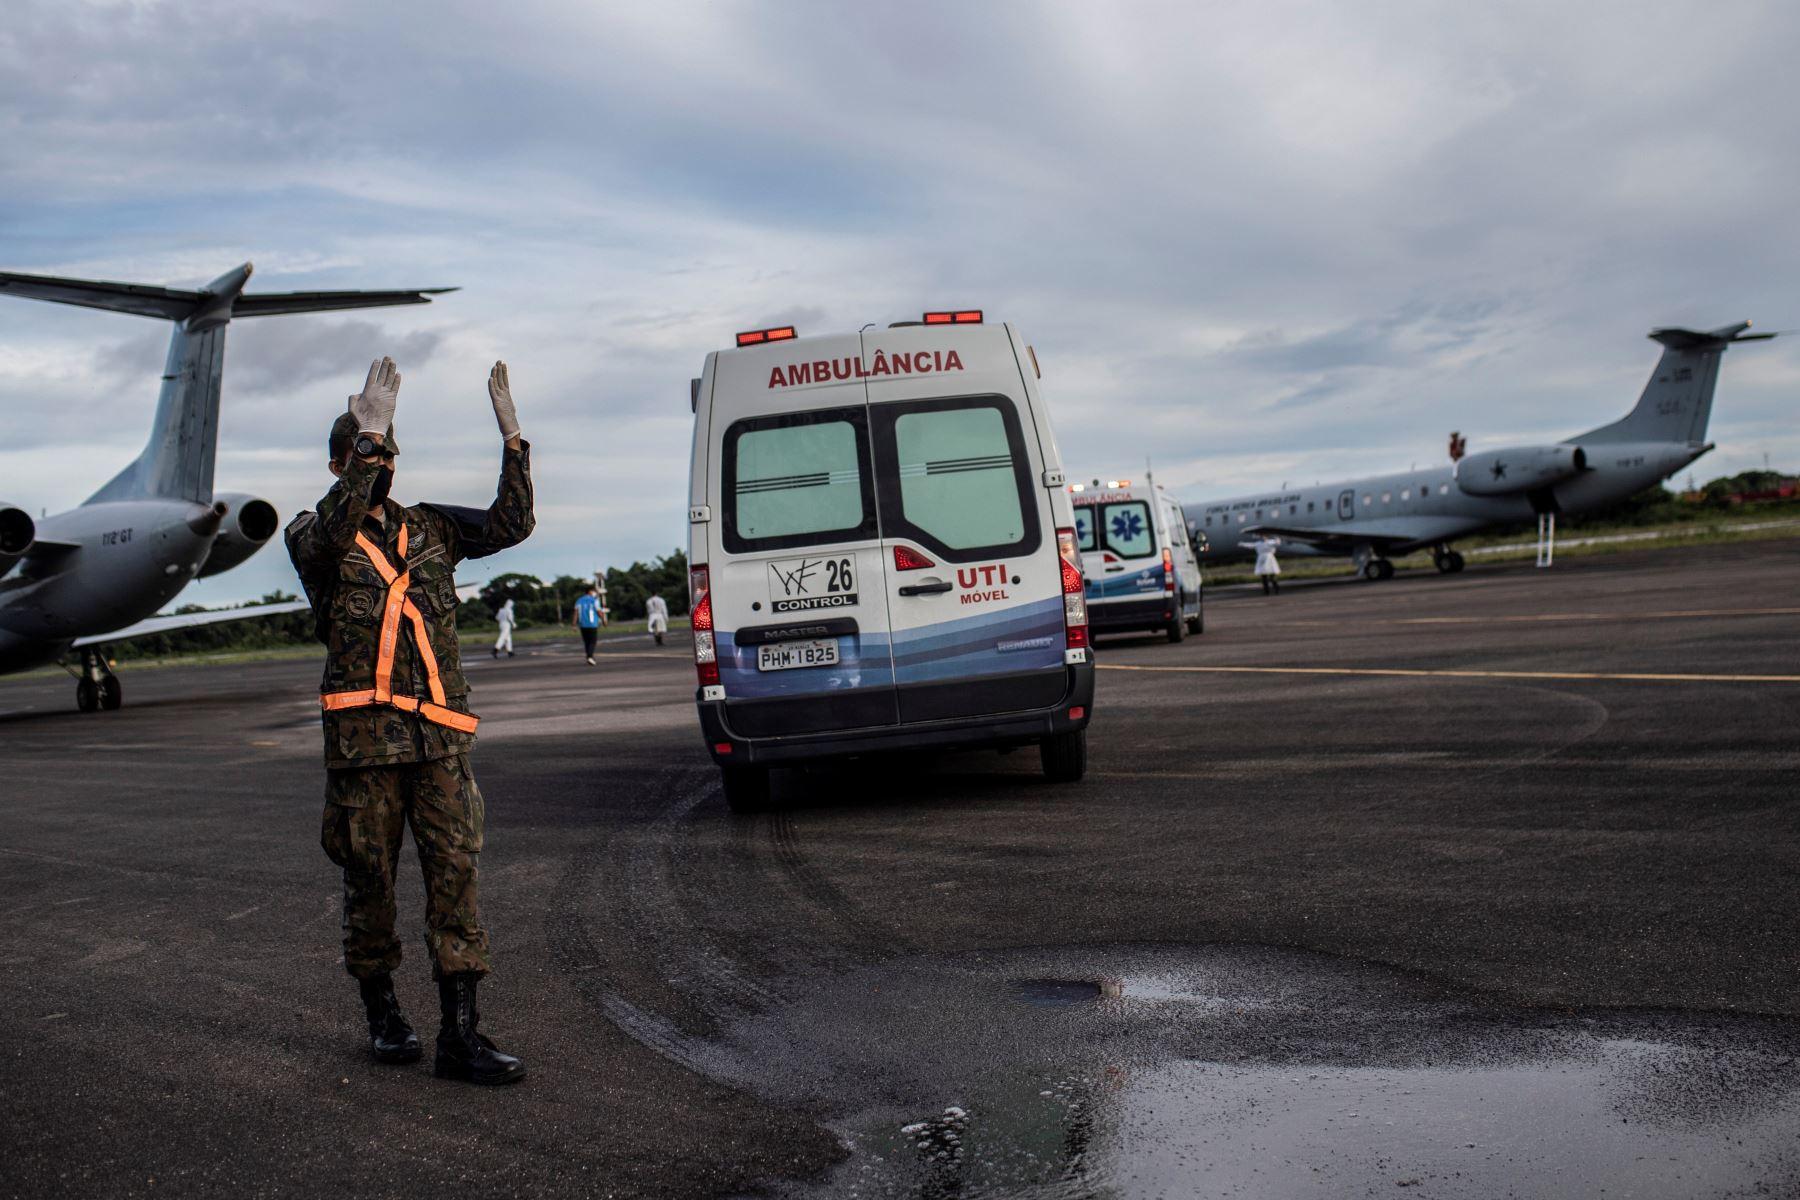 Ambulancias llevan a enfermos de la covid-19 hacia aviones para que sean trasladados y atendidos en otras ciudades, hoy en Manaos, Brasil.  Foto: EFE